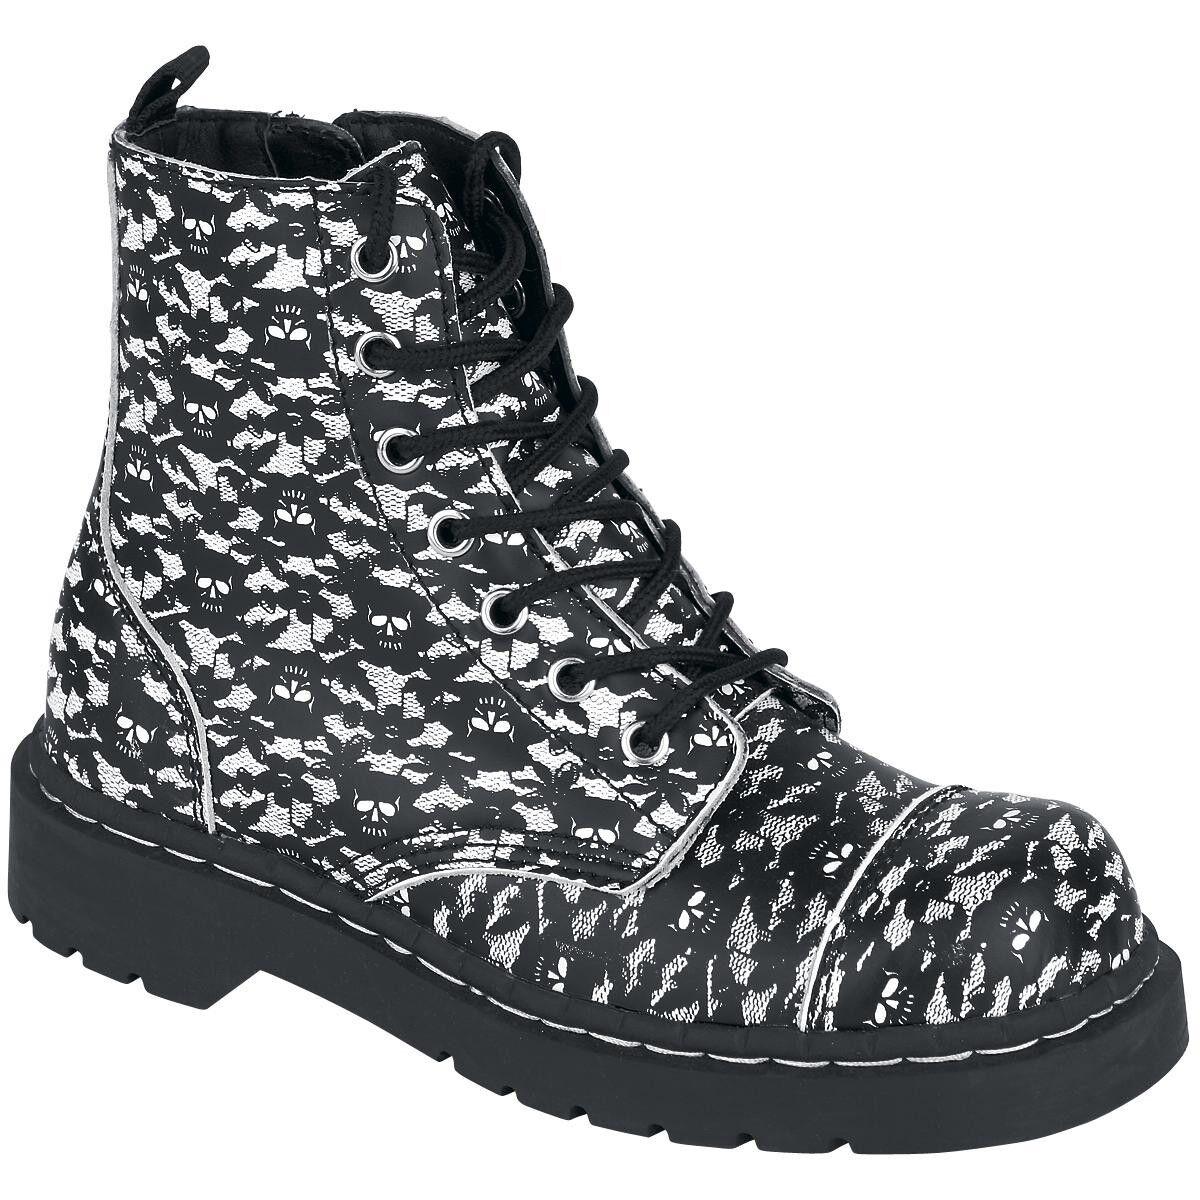 T.U.K. Zapatos Zapatos T.U.K. de Encaje Blanco Negro Cráneo 7 ojos anárquico Botas Mujer Talla; 5 y 6 EE. UU. 5f6c7a